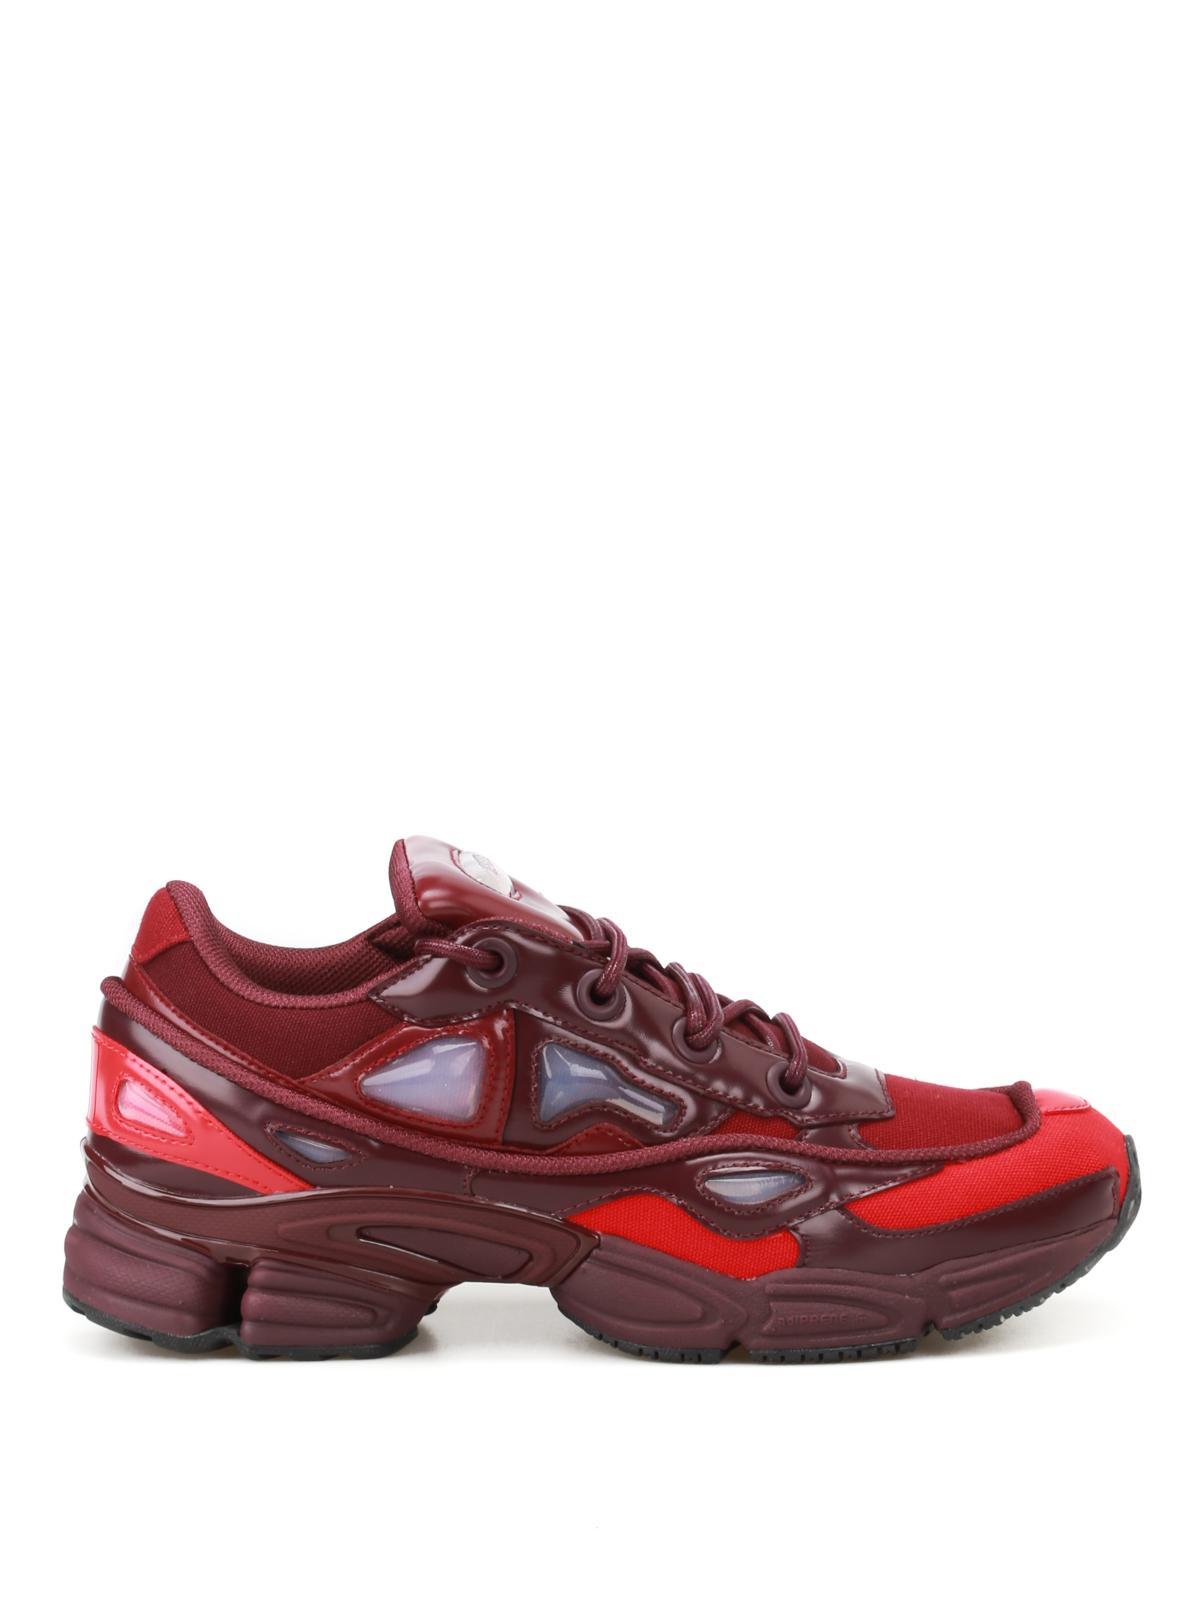 De Adidas Simons B22538 Sport Chaussures Raf Iii Baskets Ozweego vYSUawq 89c6ac5a2ca